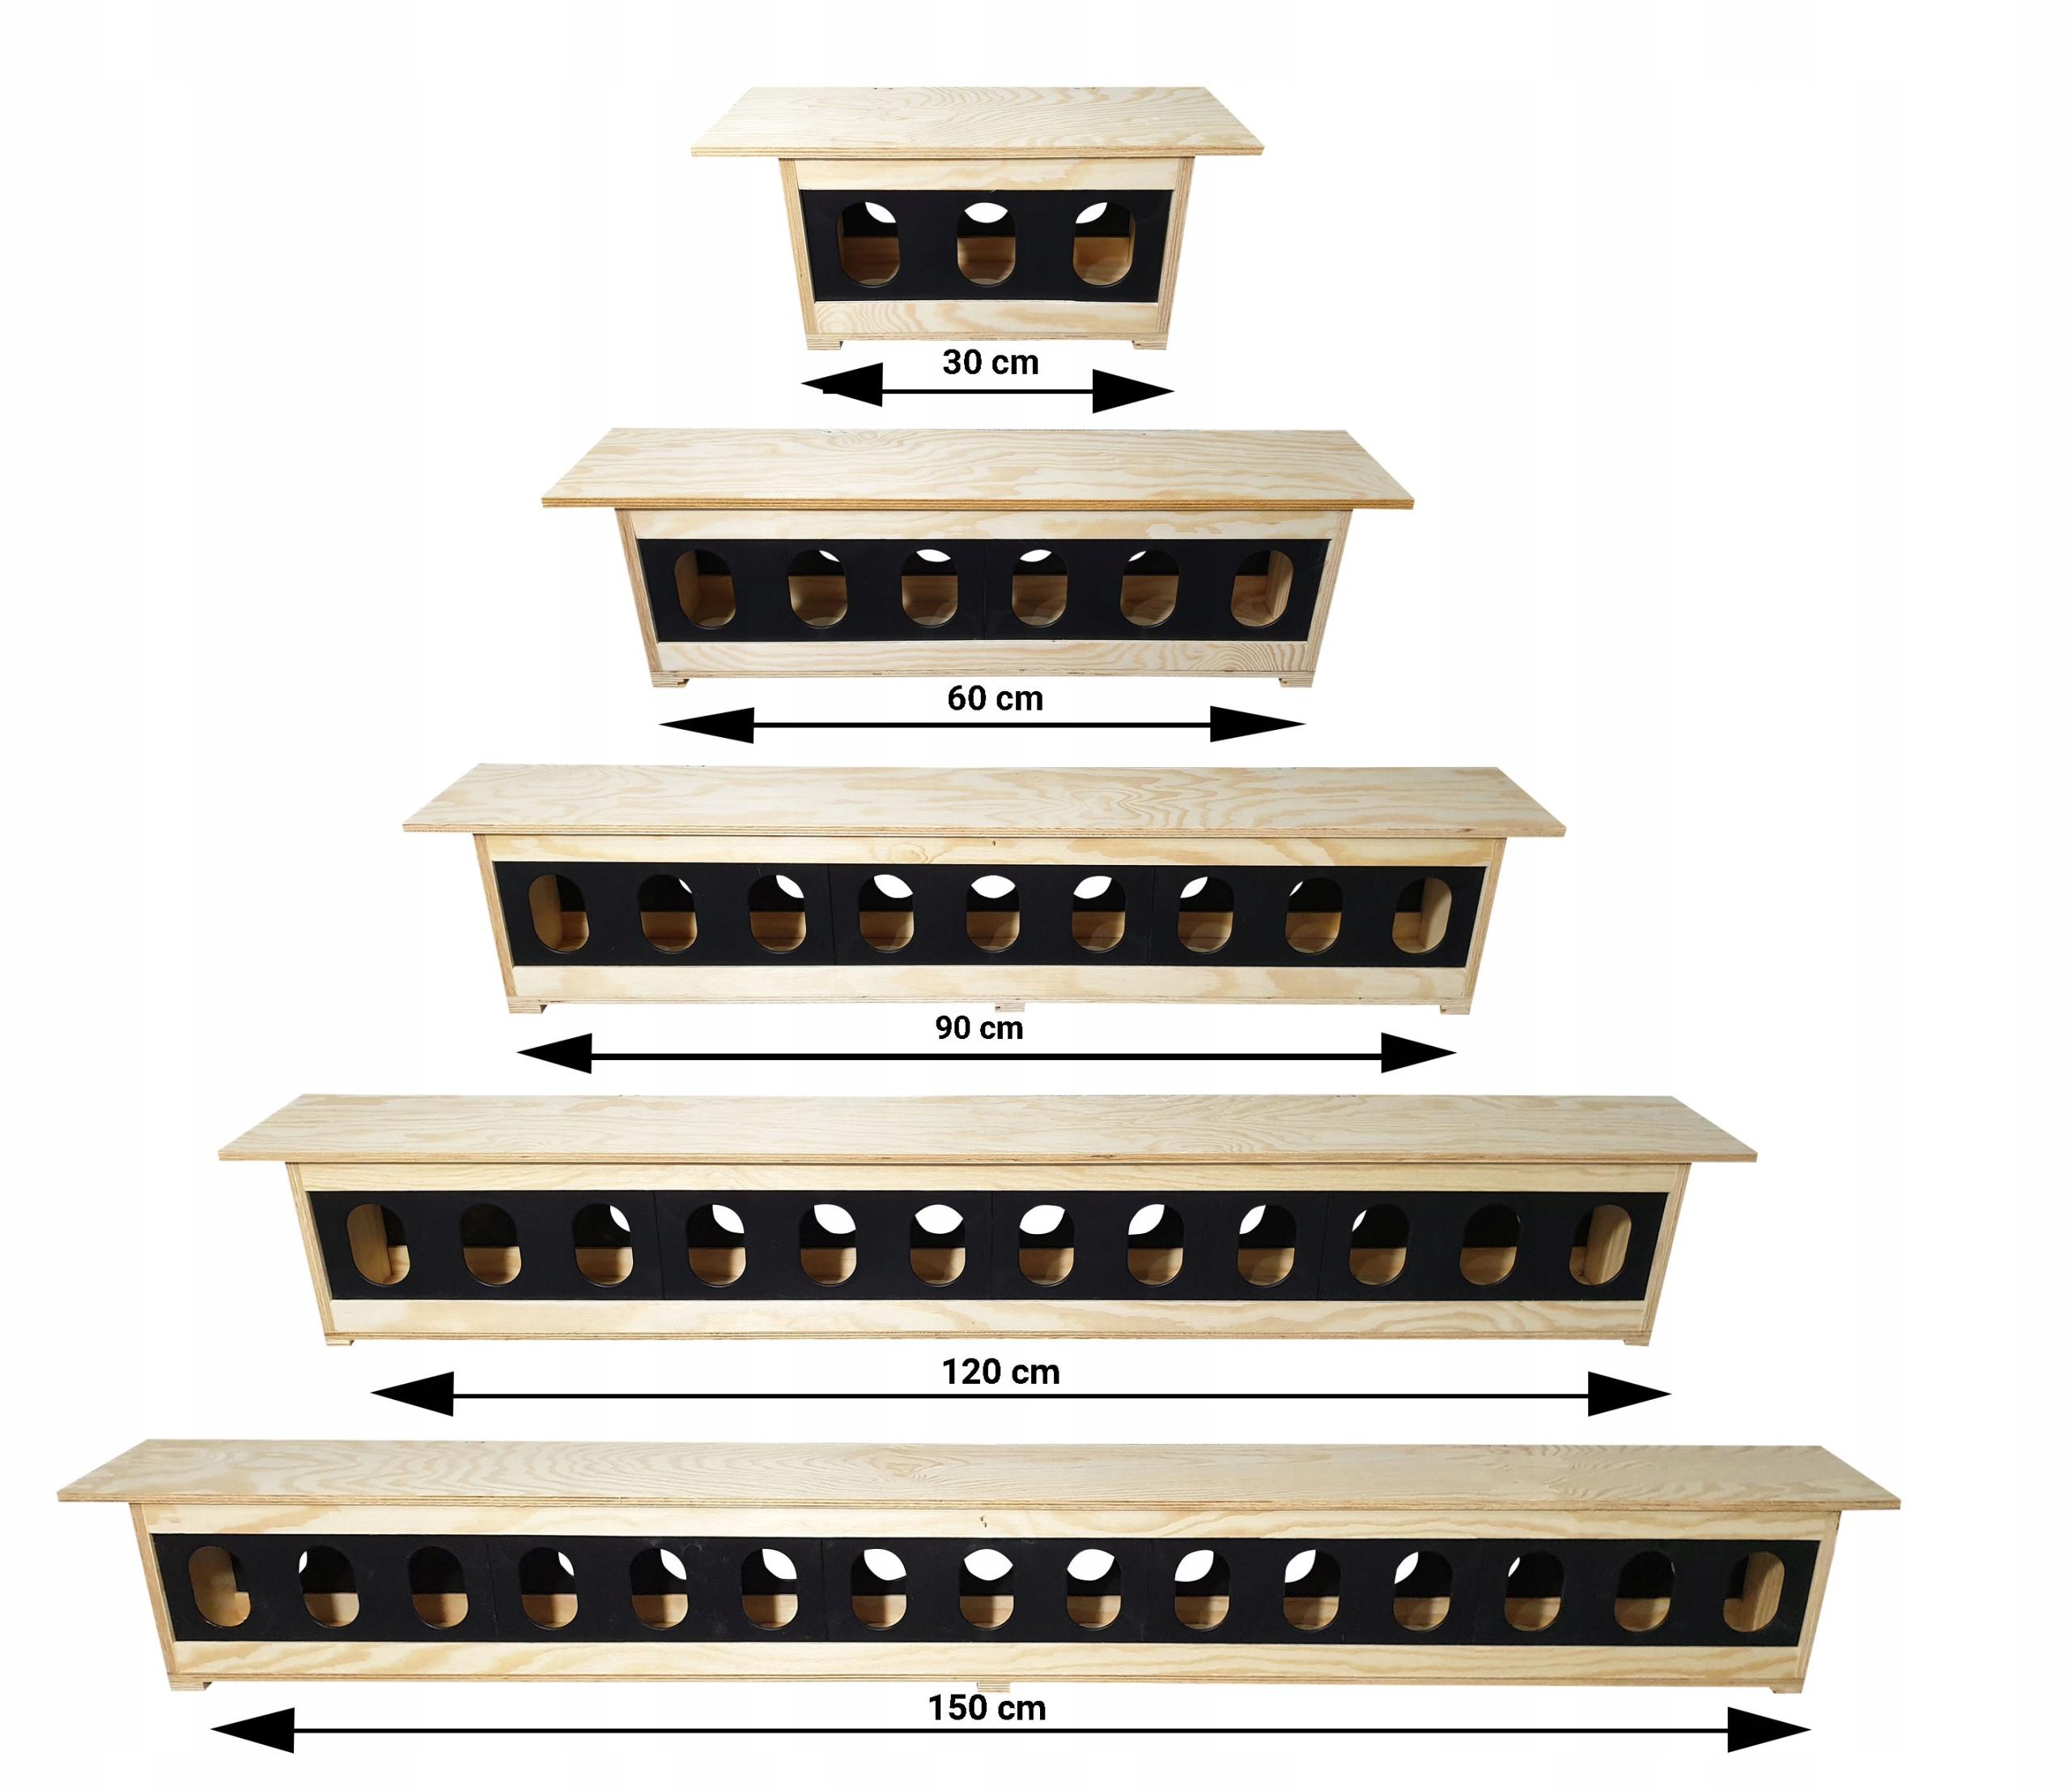 Новая модель ZR питателя с отверстиями на 90 см